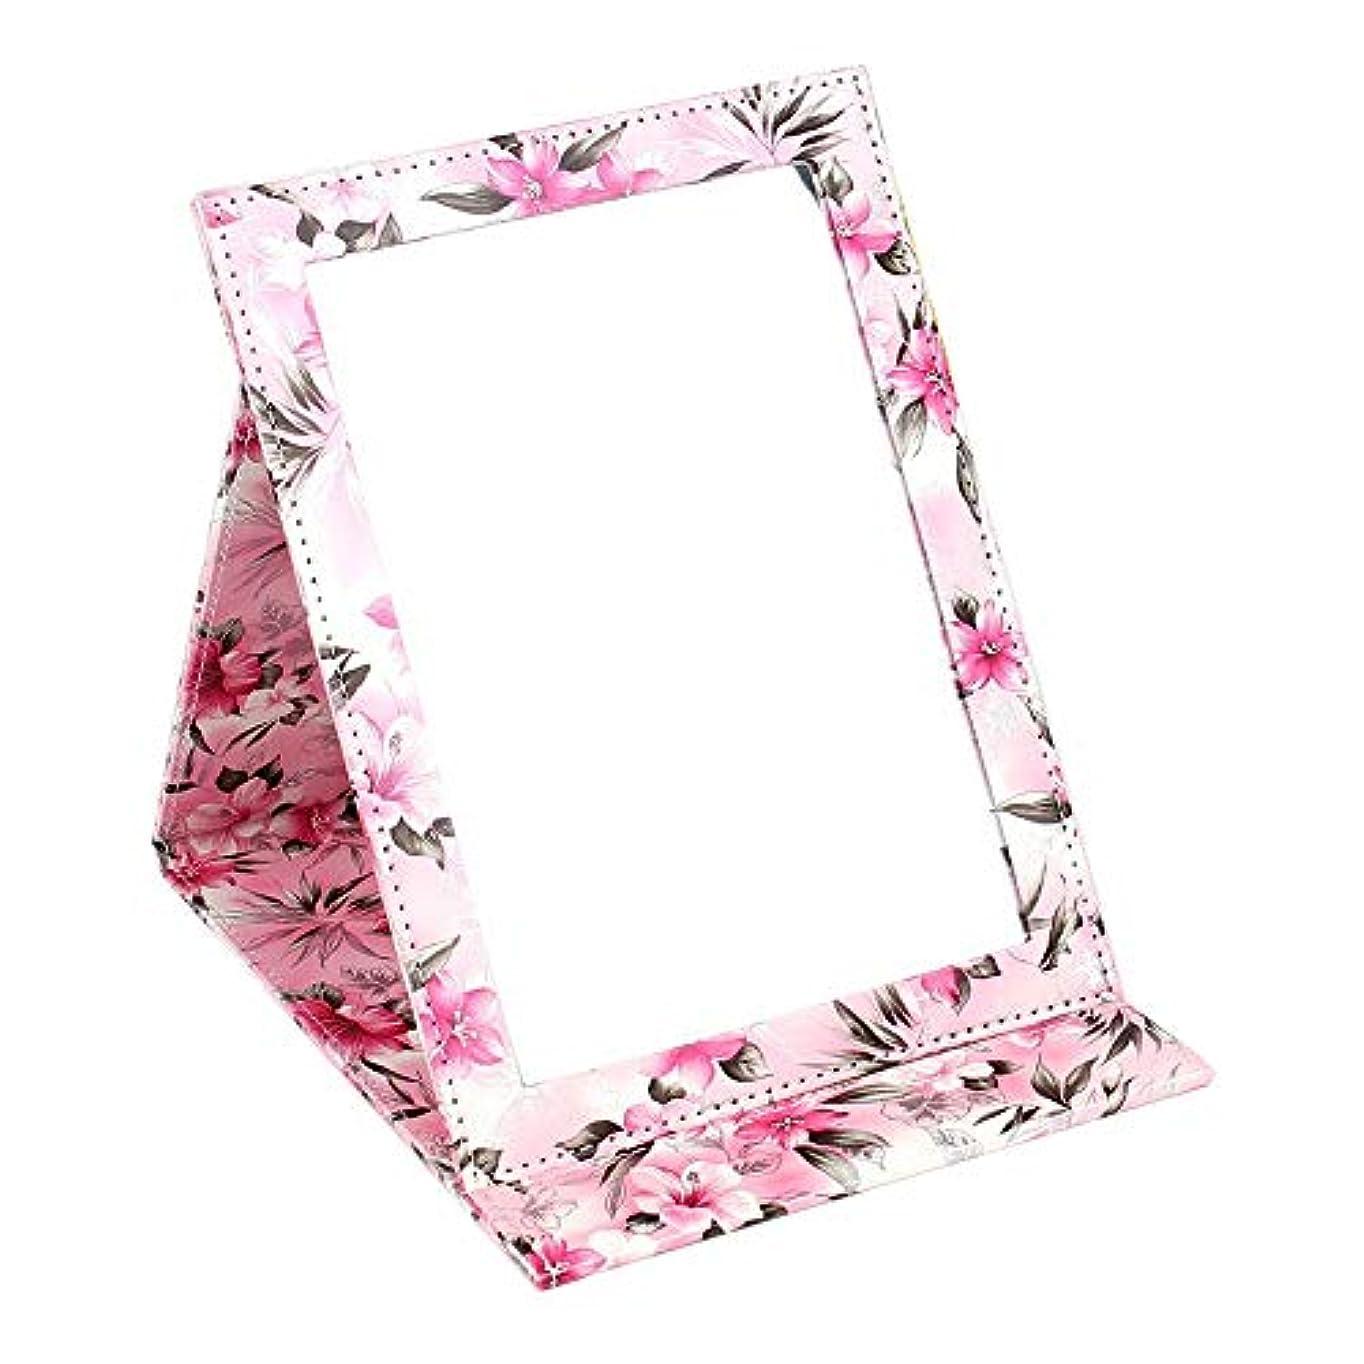 妥協排他的ブーストYummyBuy 化粧ミラー 折りたたみ ミラー 鏡 卓上 化粧 化粧鏡 角度調整自由自在 上質PUレザー使用(クロコダイル?パターン、2サイズ) (大きなサイズ, ハッピーカラー)